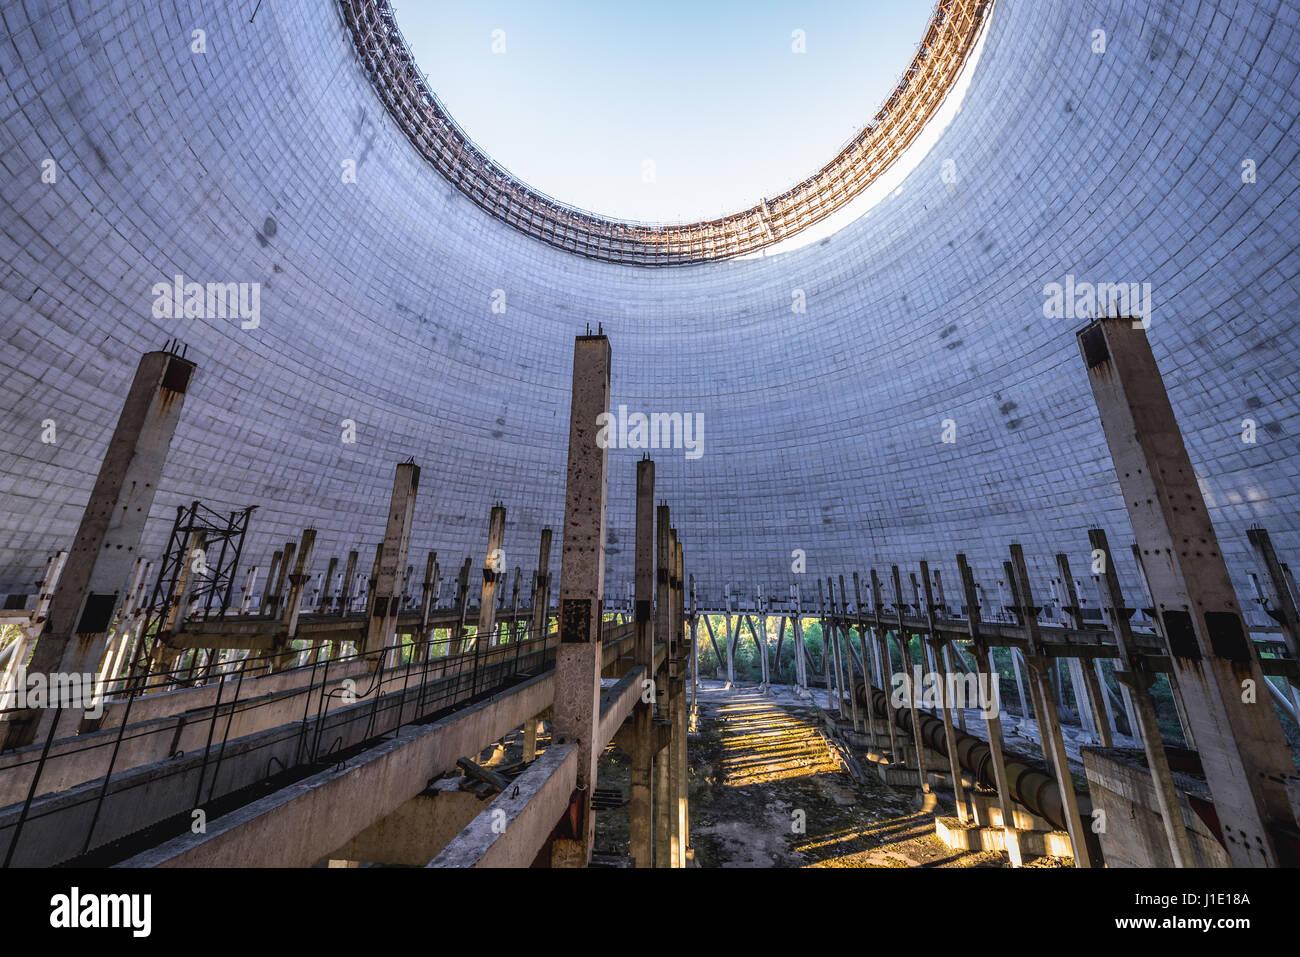 l 39 int rieur de la tour de refroidissement de la centrale nucl aire de tchernobyl dans la zone. Black Bedroom Furniture Sets. Home Design Ideas